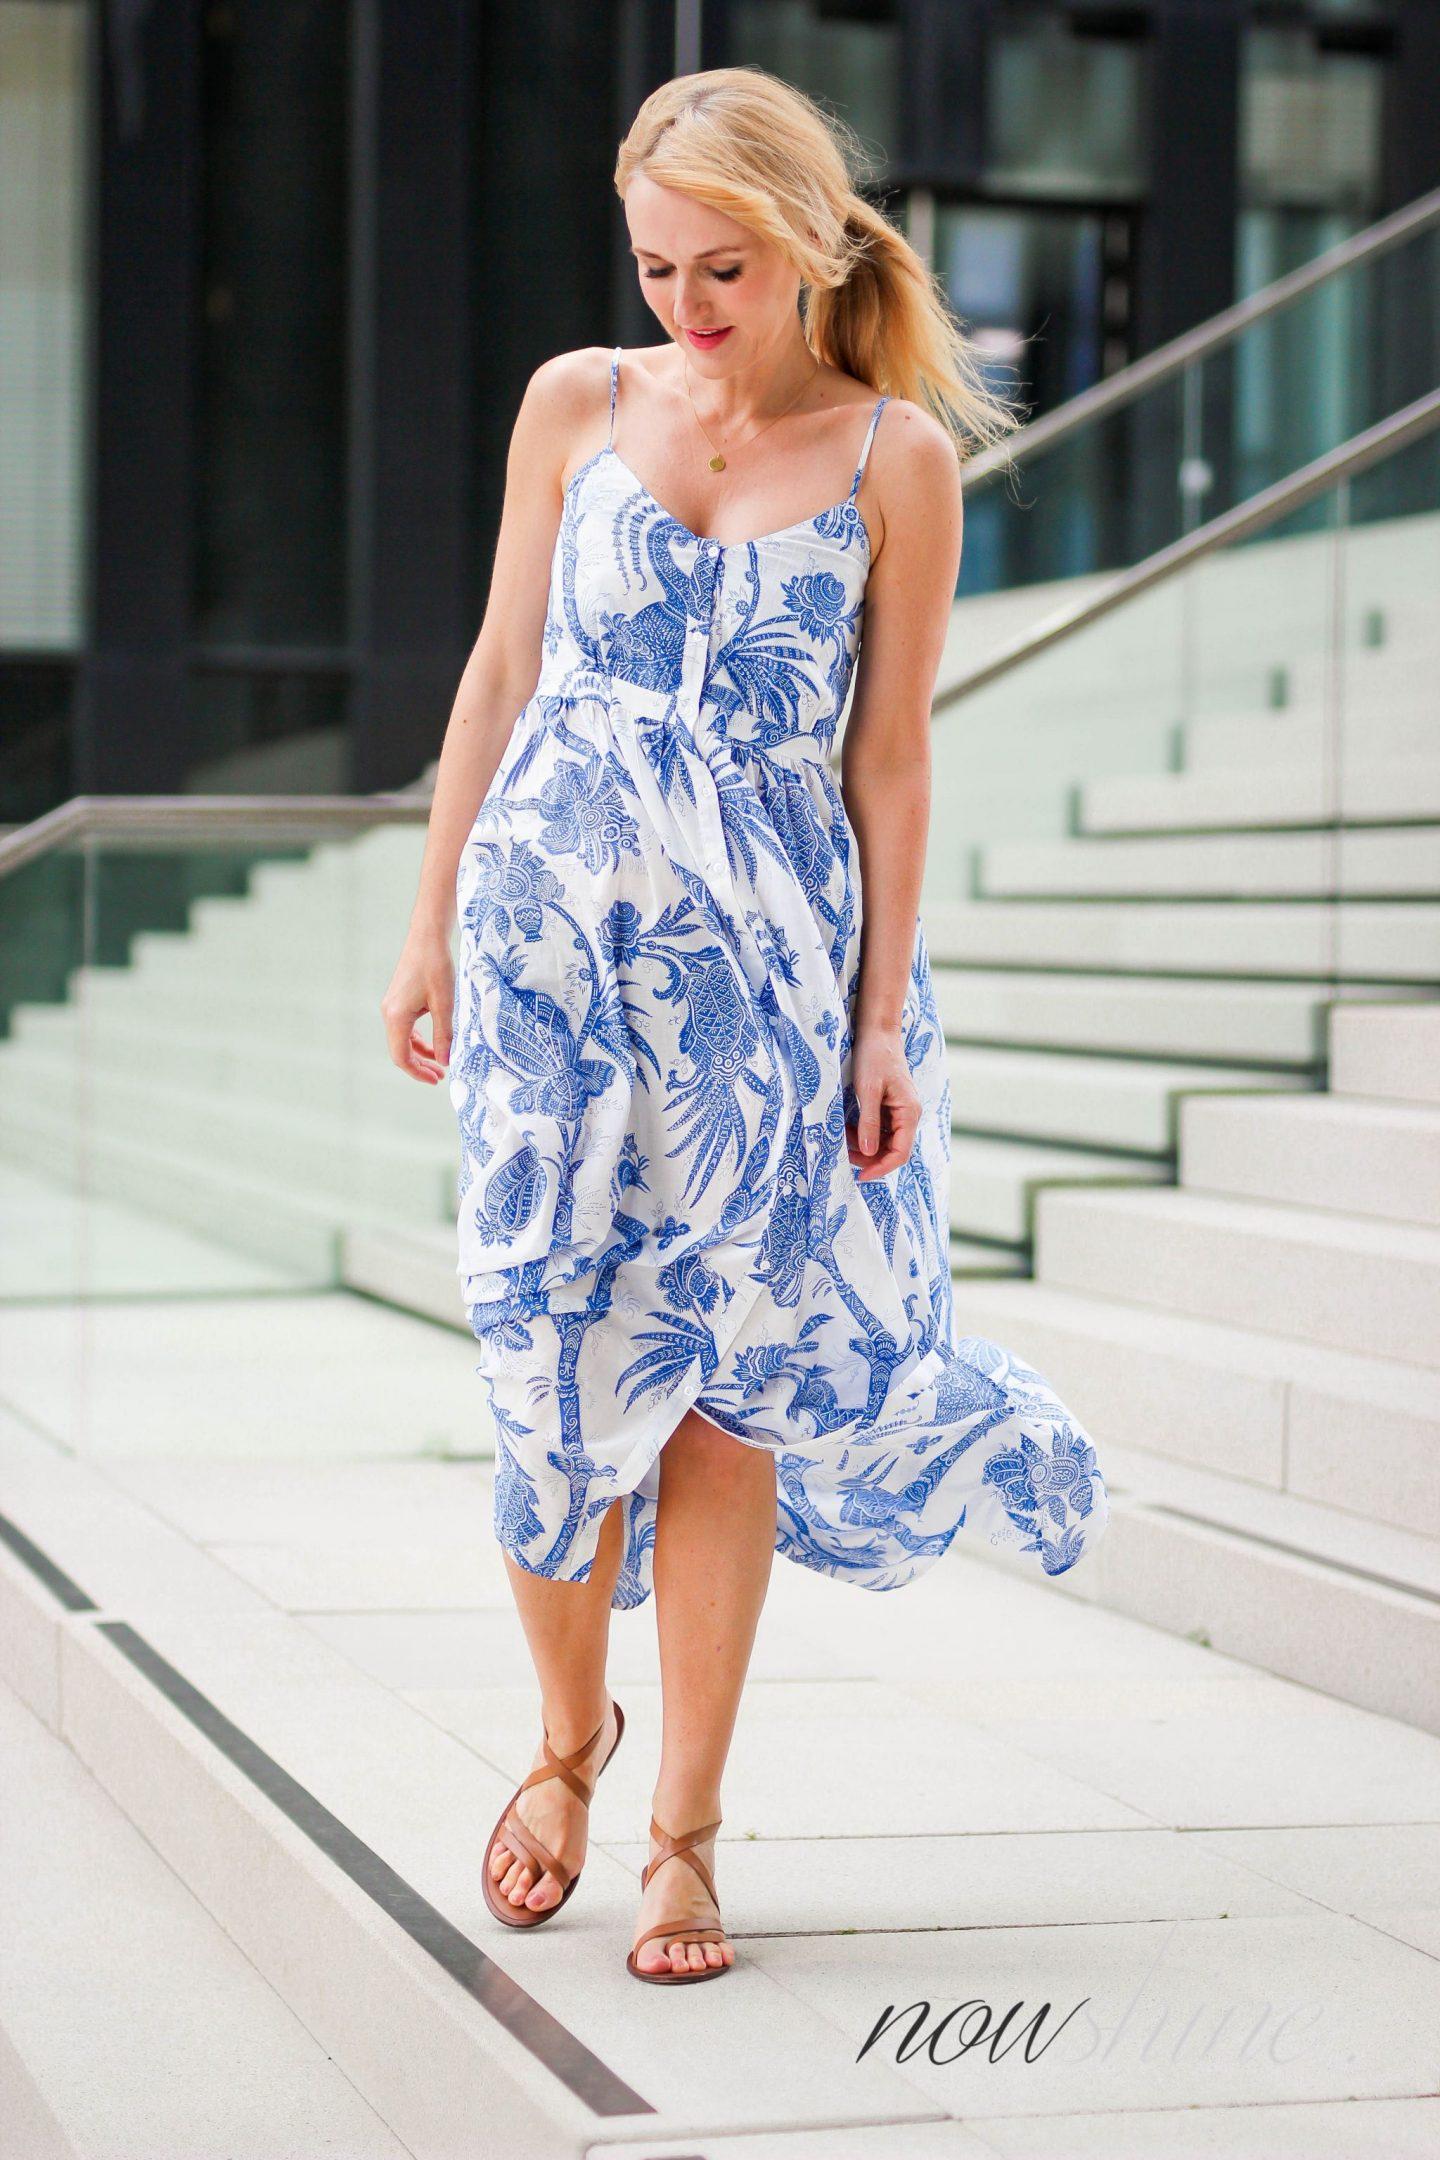 Feminine Maxikleider für den Sommer - Nowshine im Maxikleid von H&M Trend - Fashionblog ü40